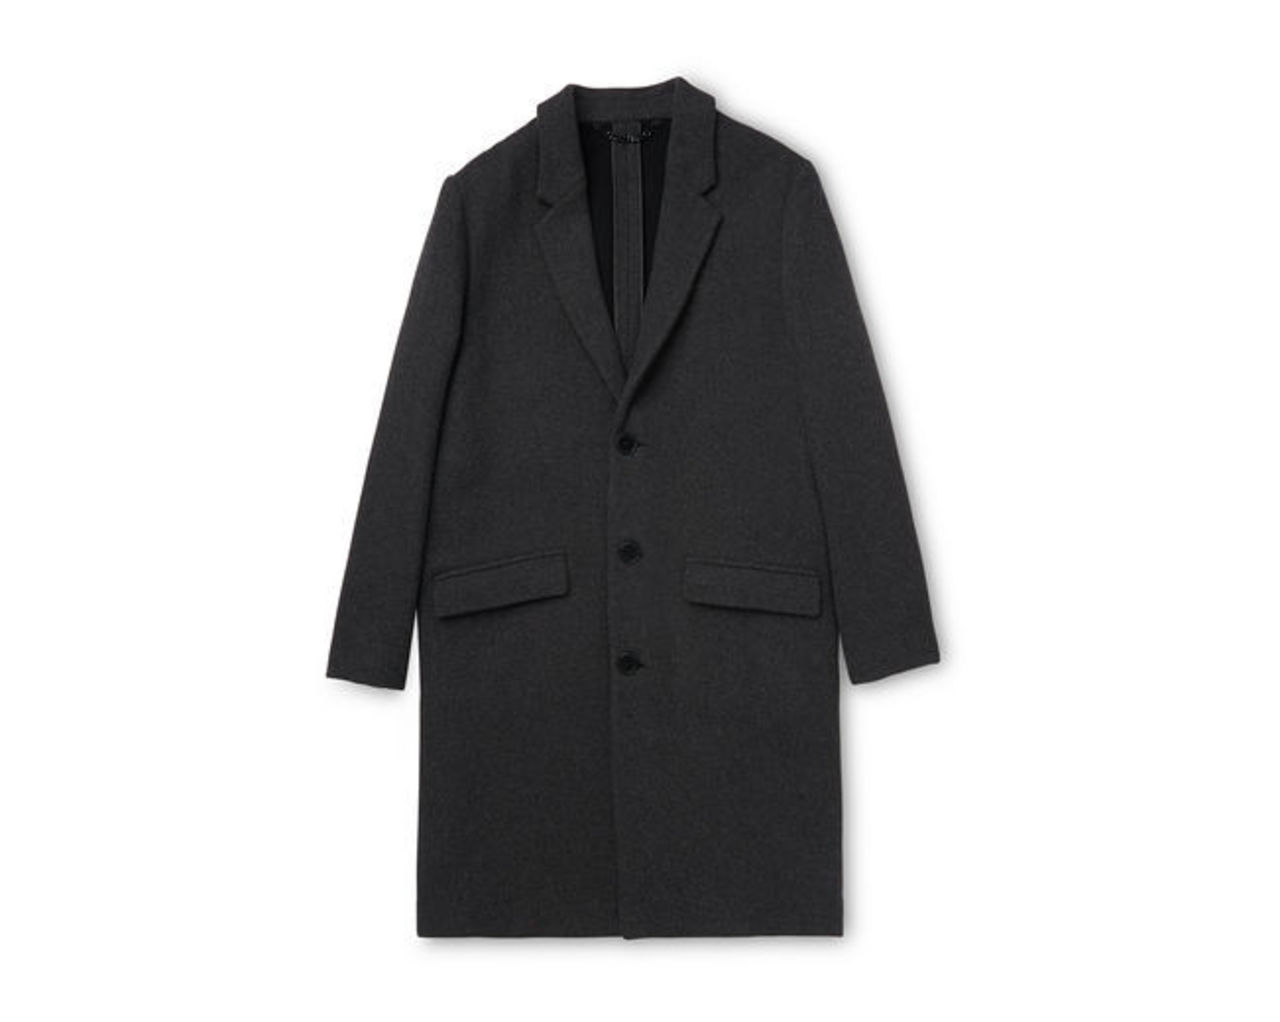 Deconstructed Overcoat